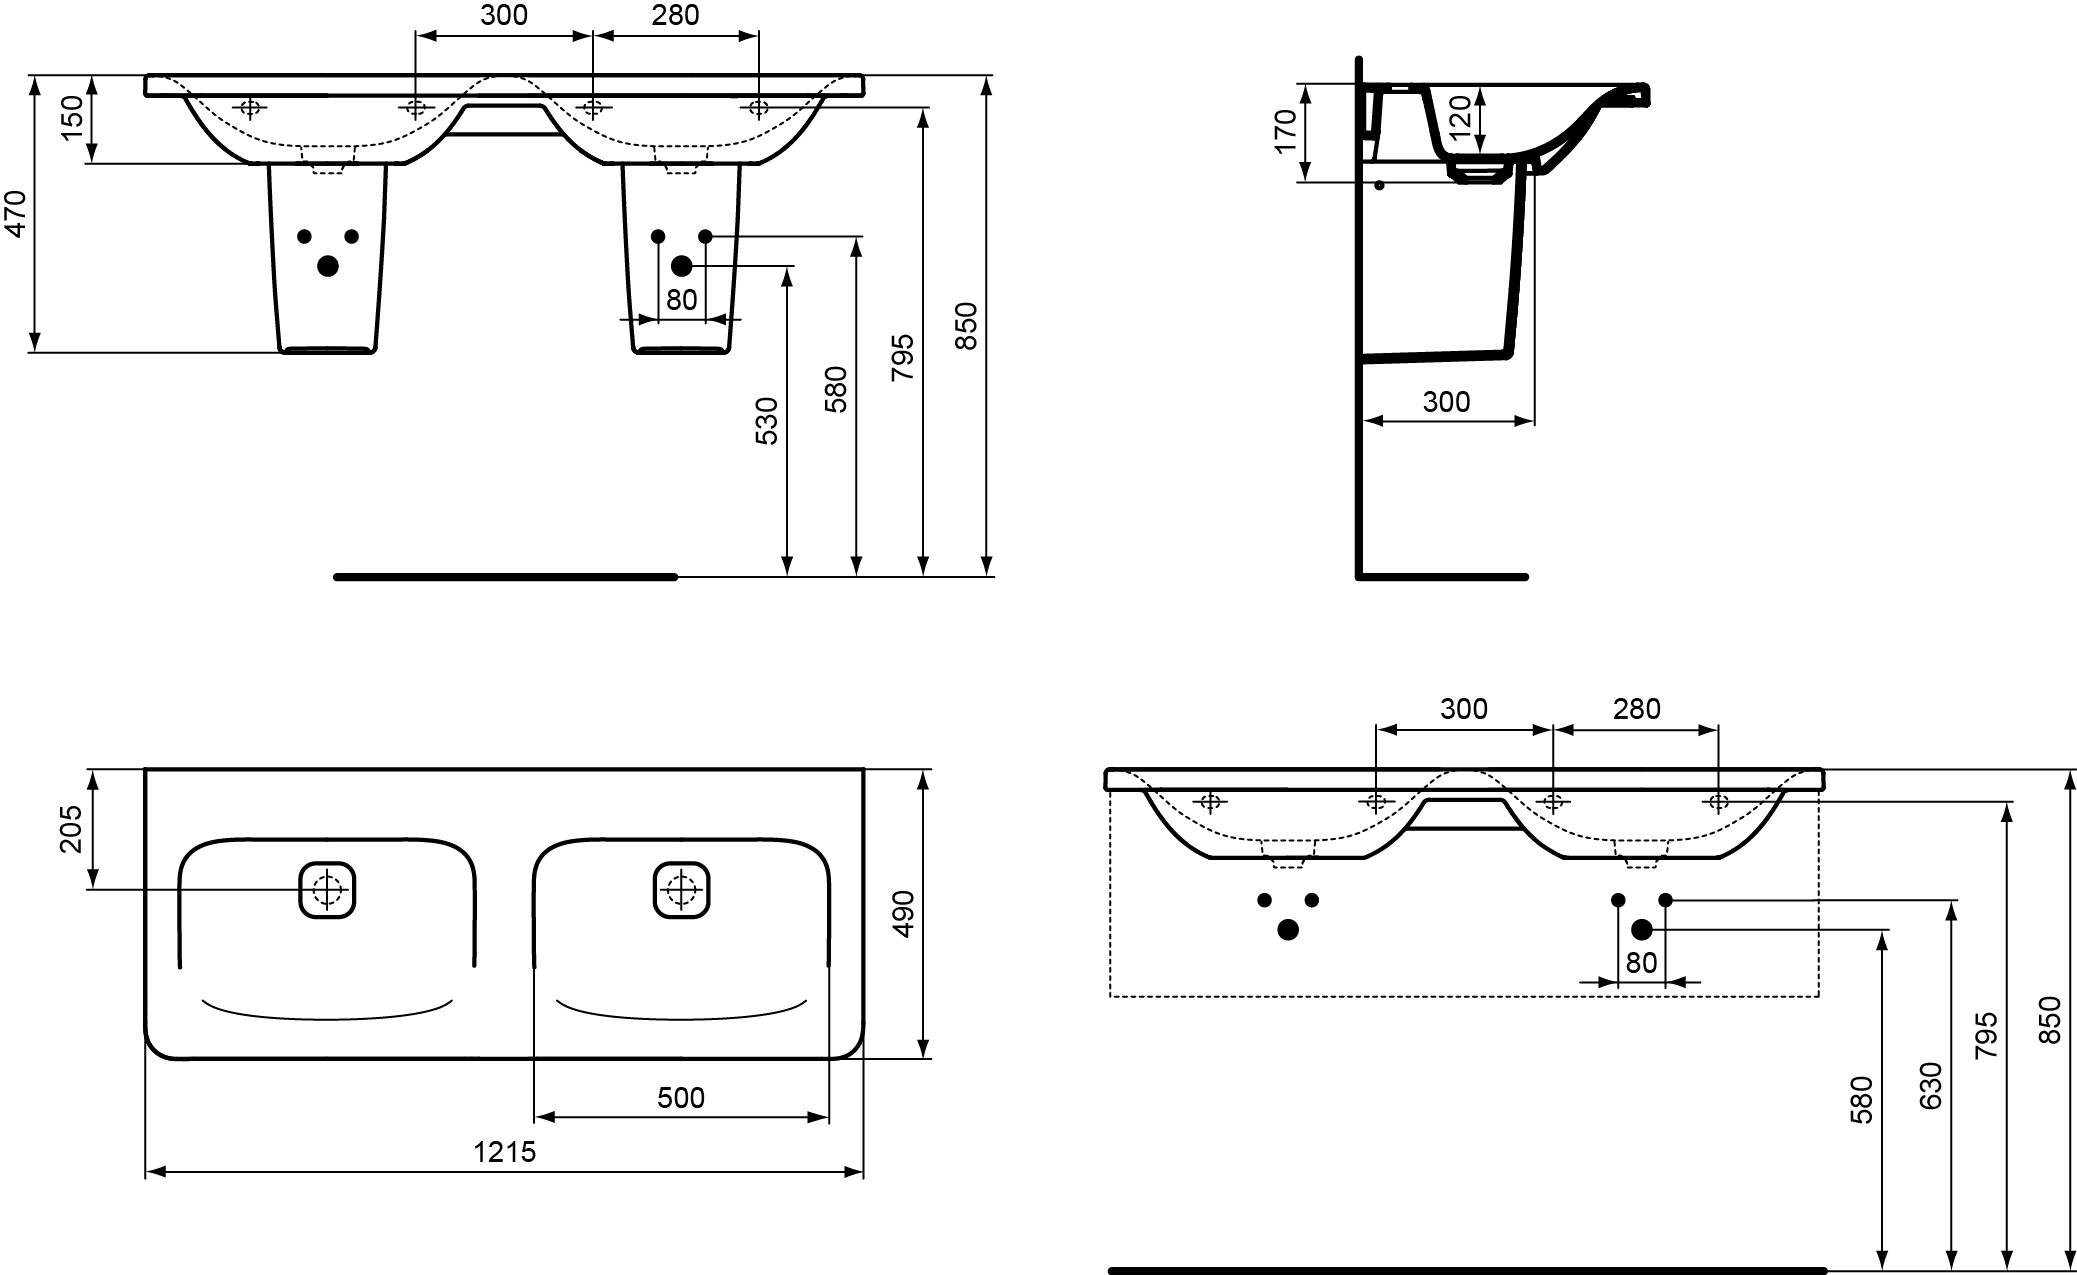 dubbele wastafel 1215 mm zonder kraangat zonder overloop